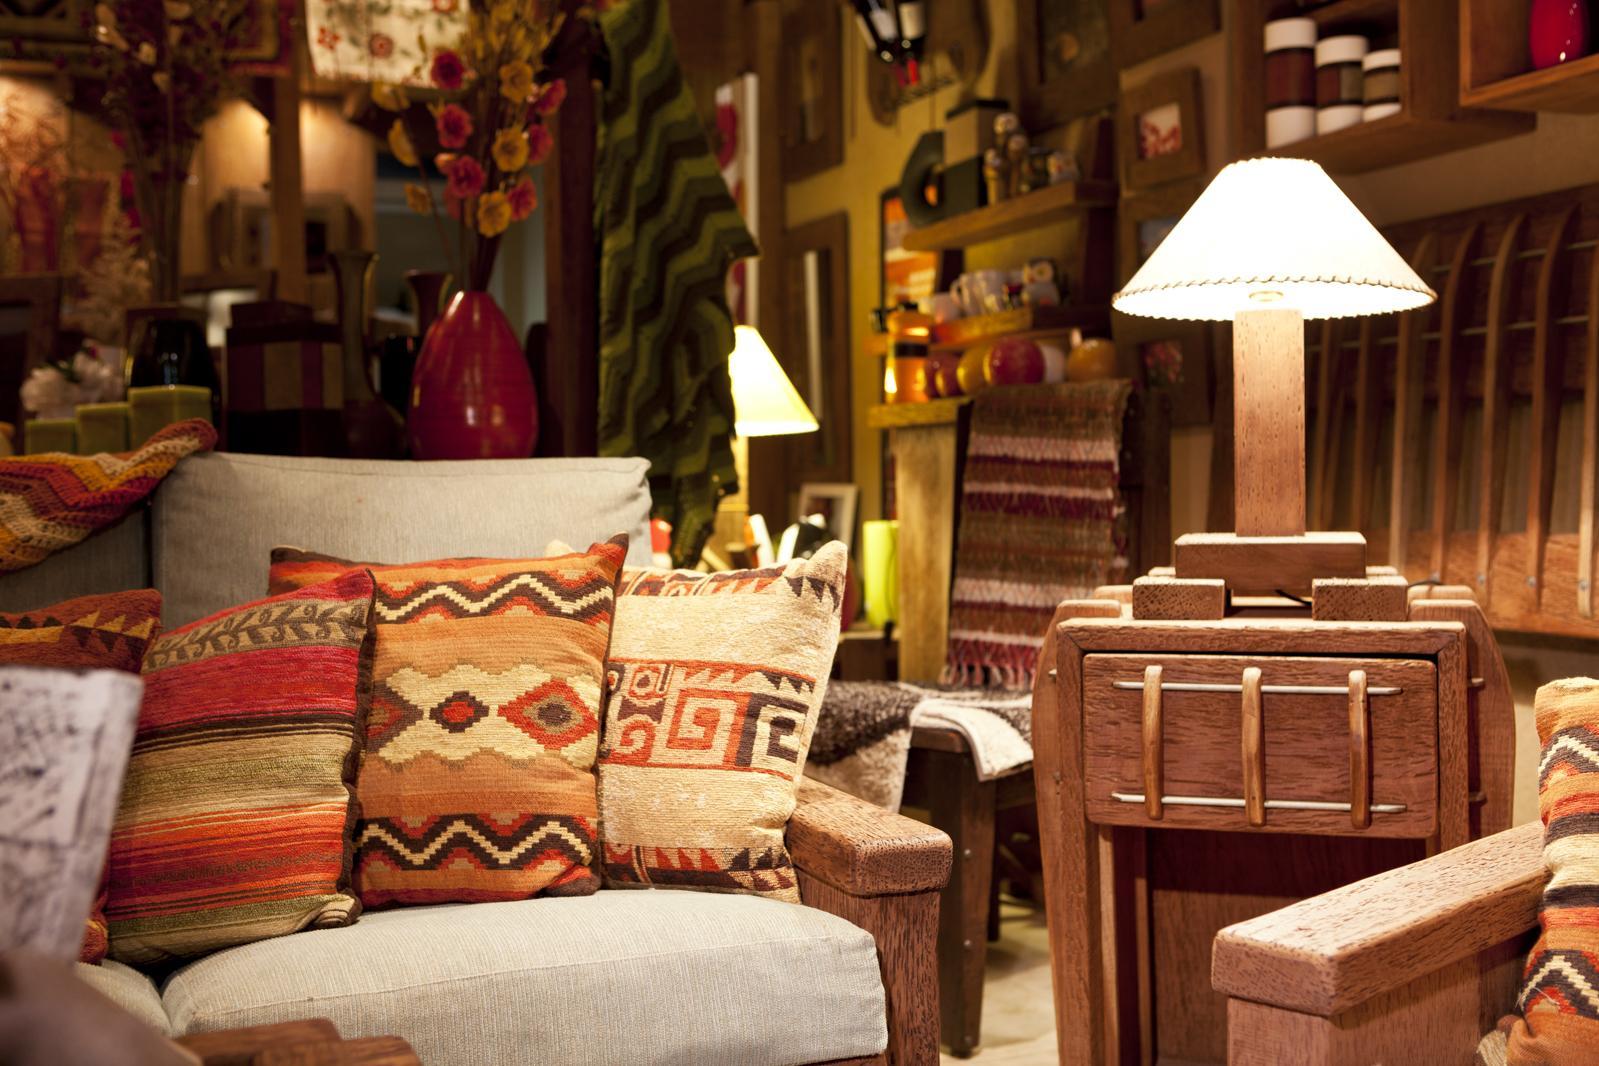 Muebles ilCaro, fotógrafo de muebles Andreas Grunau